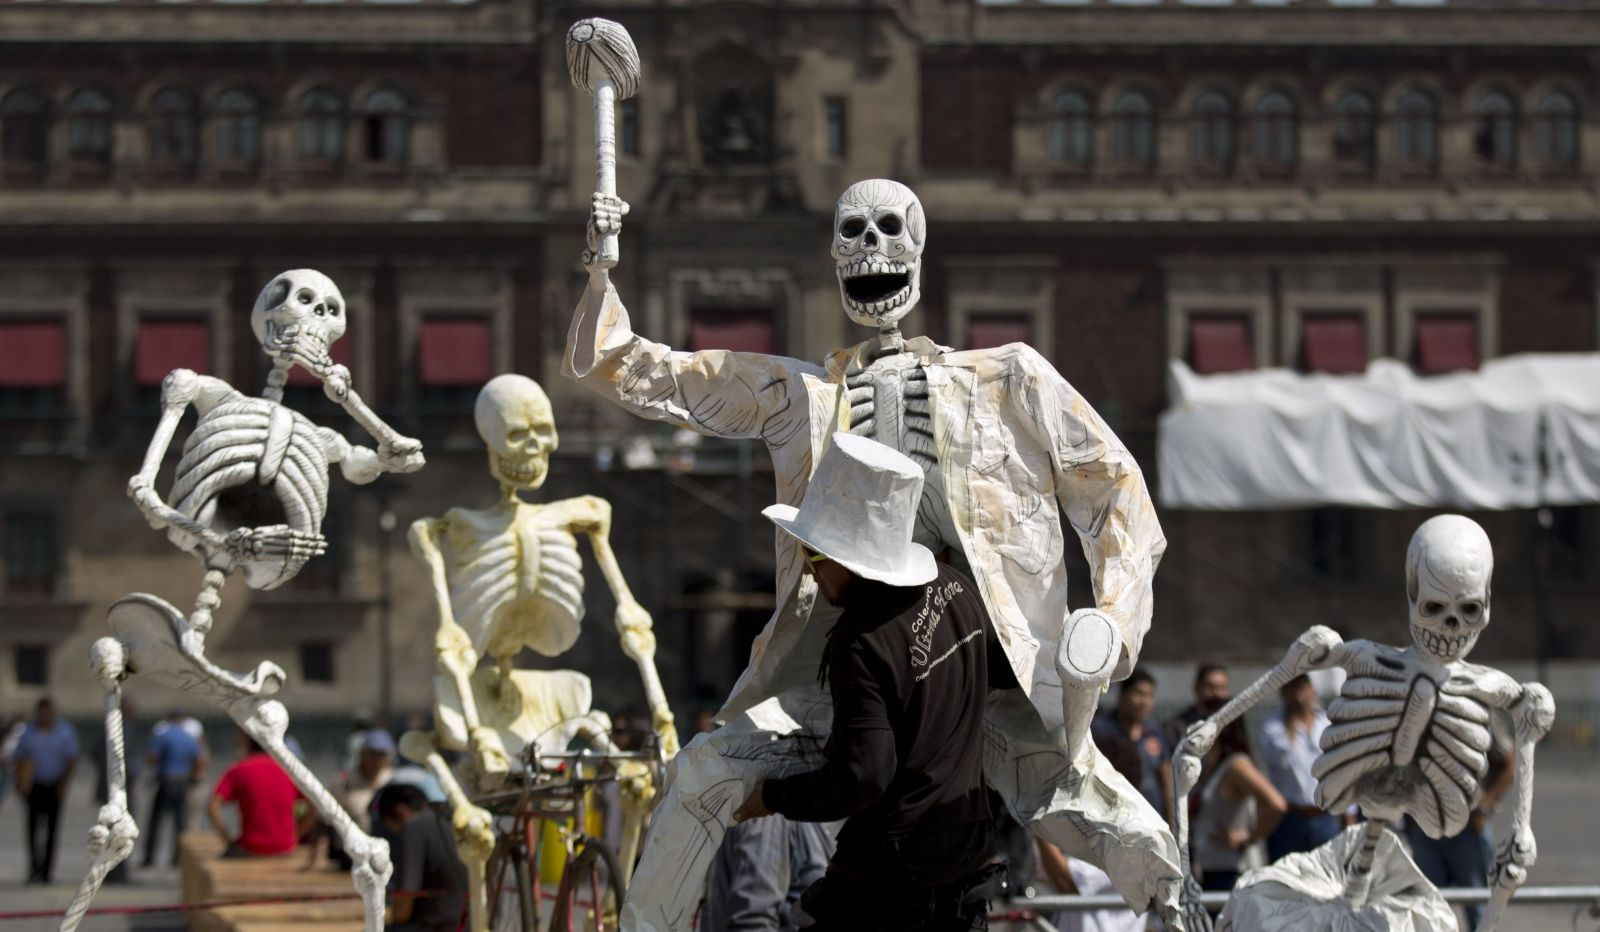 Umelec nesie svoje dielo v podobe kostry počas príprav na oslavy sviatku Dňa mŕtvych v Mexico City,  29. októbra 2013.